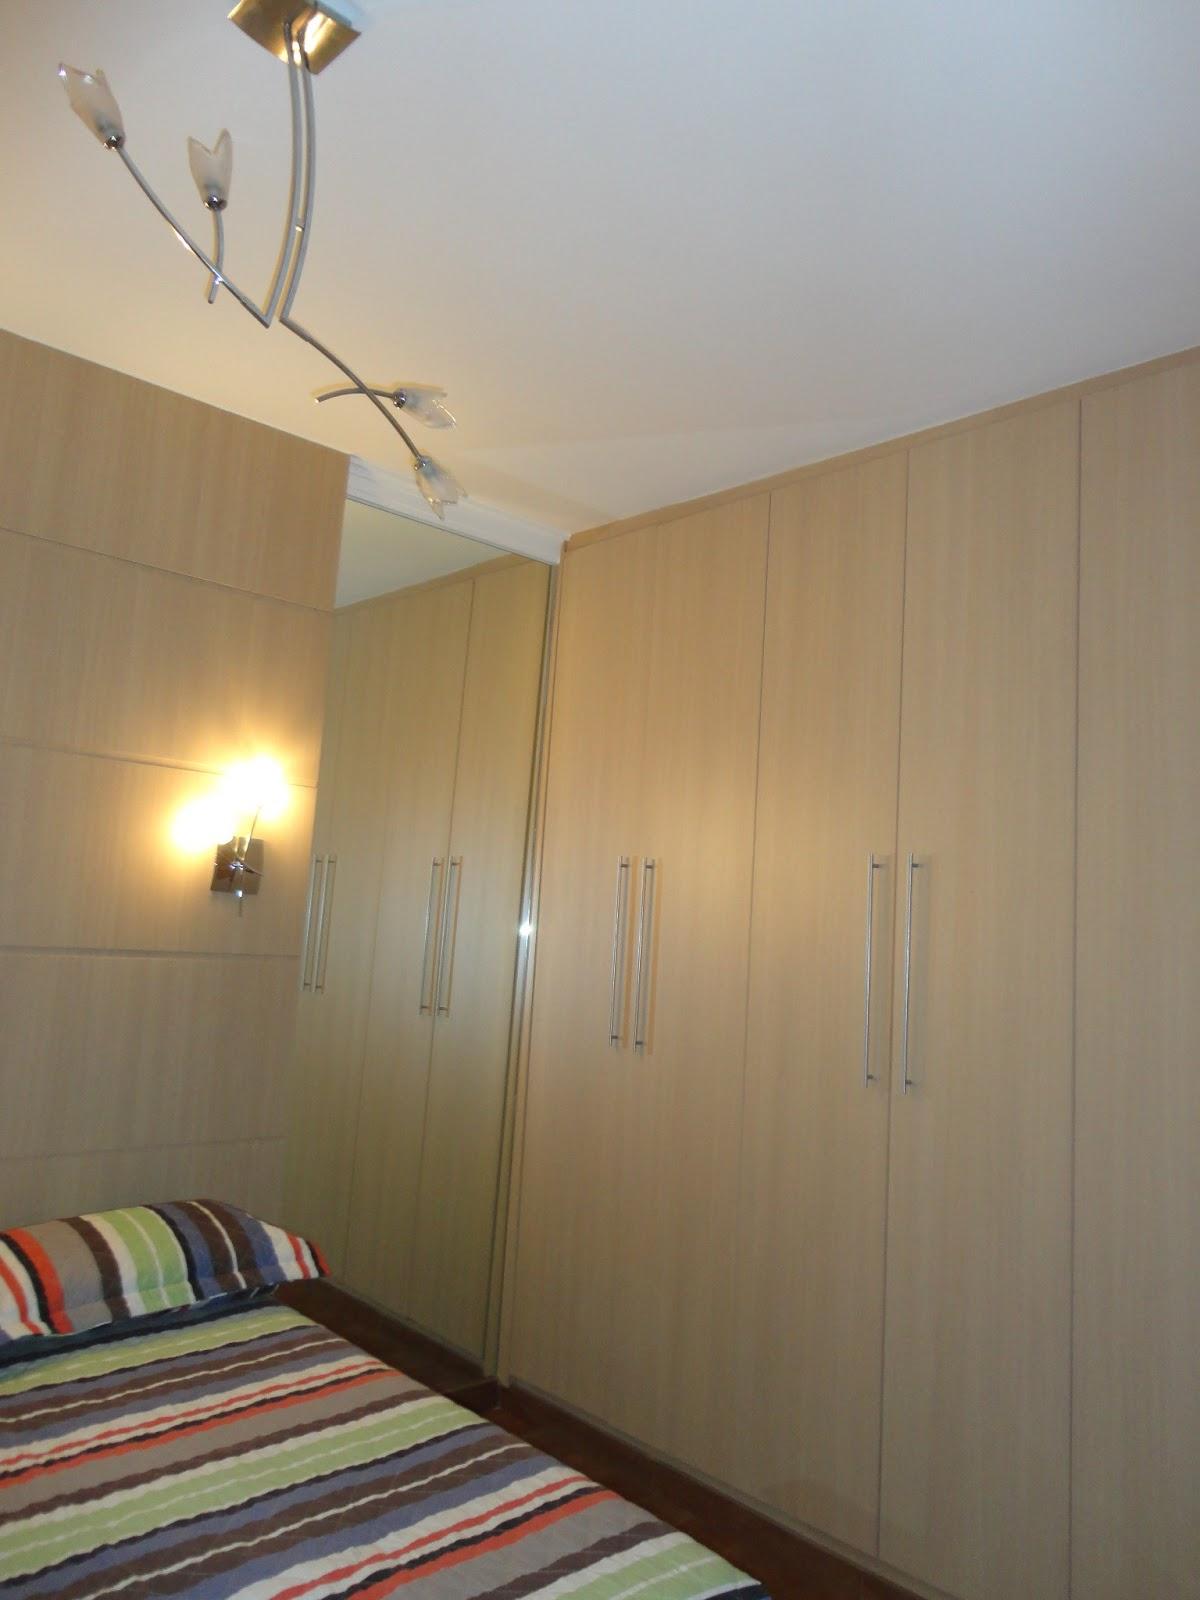 espelhos nas laterais da cama dão o efeito de amplitude ao quarto #674C38 1200 1600